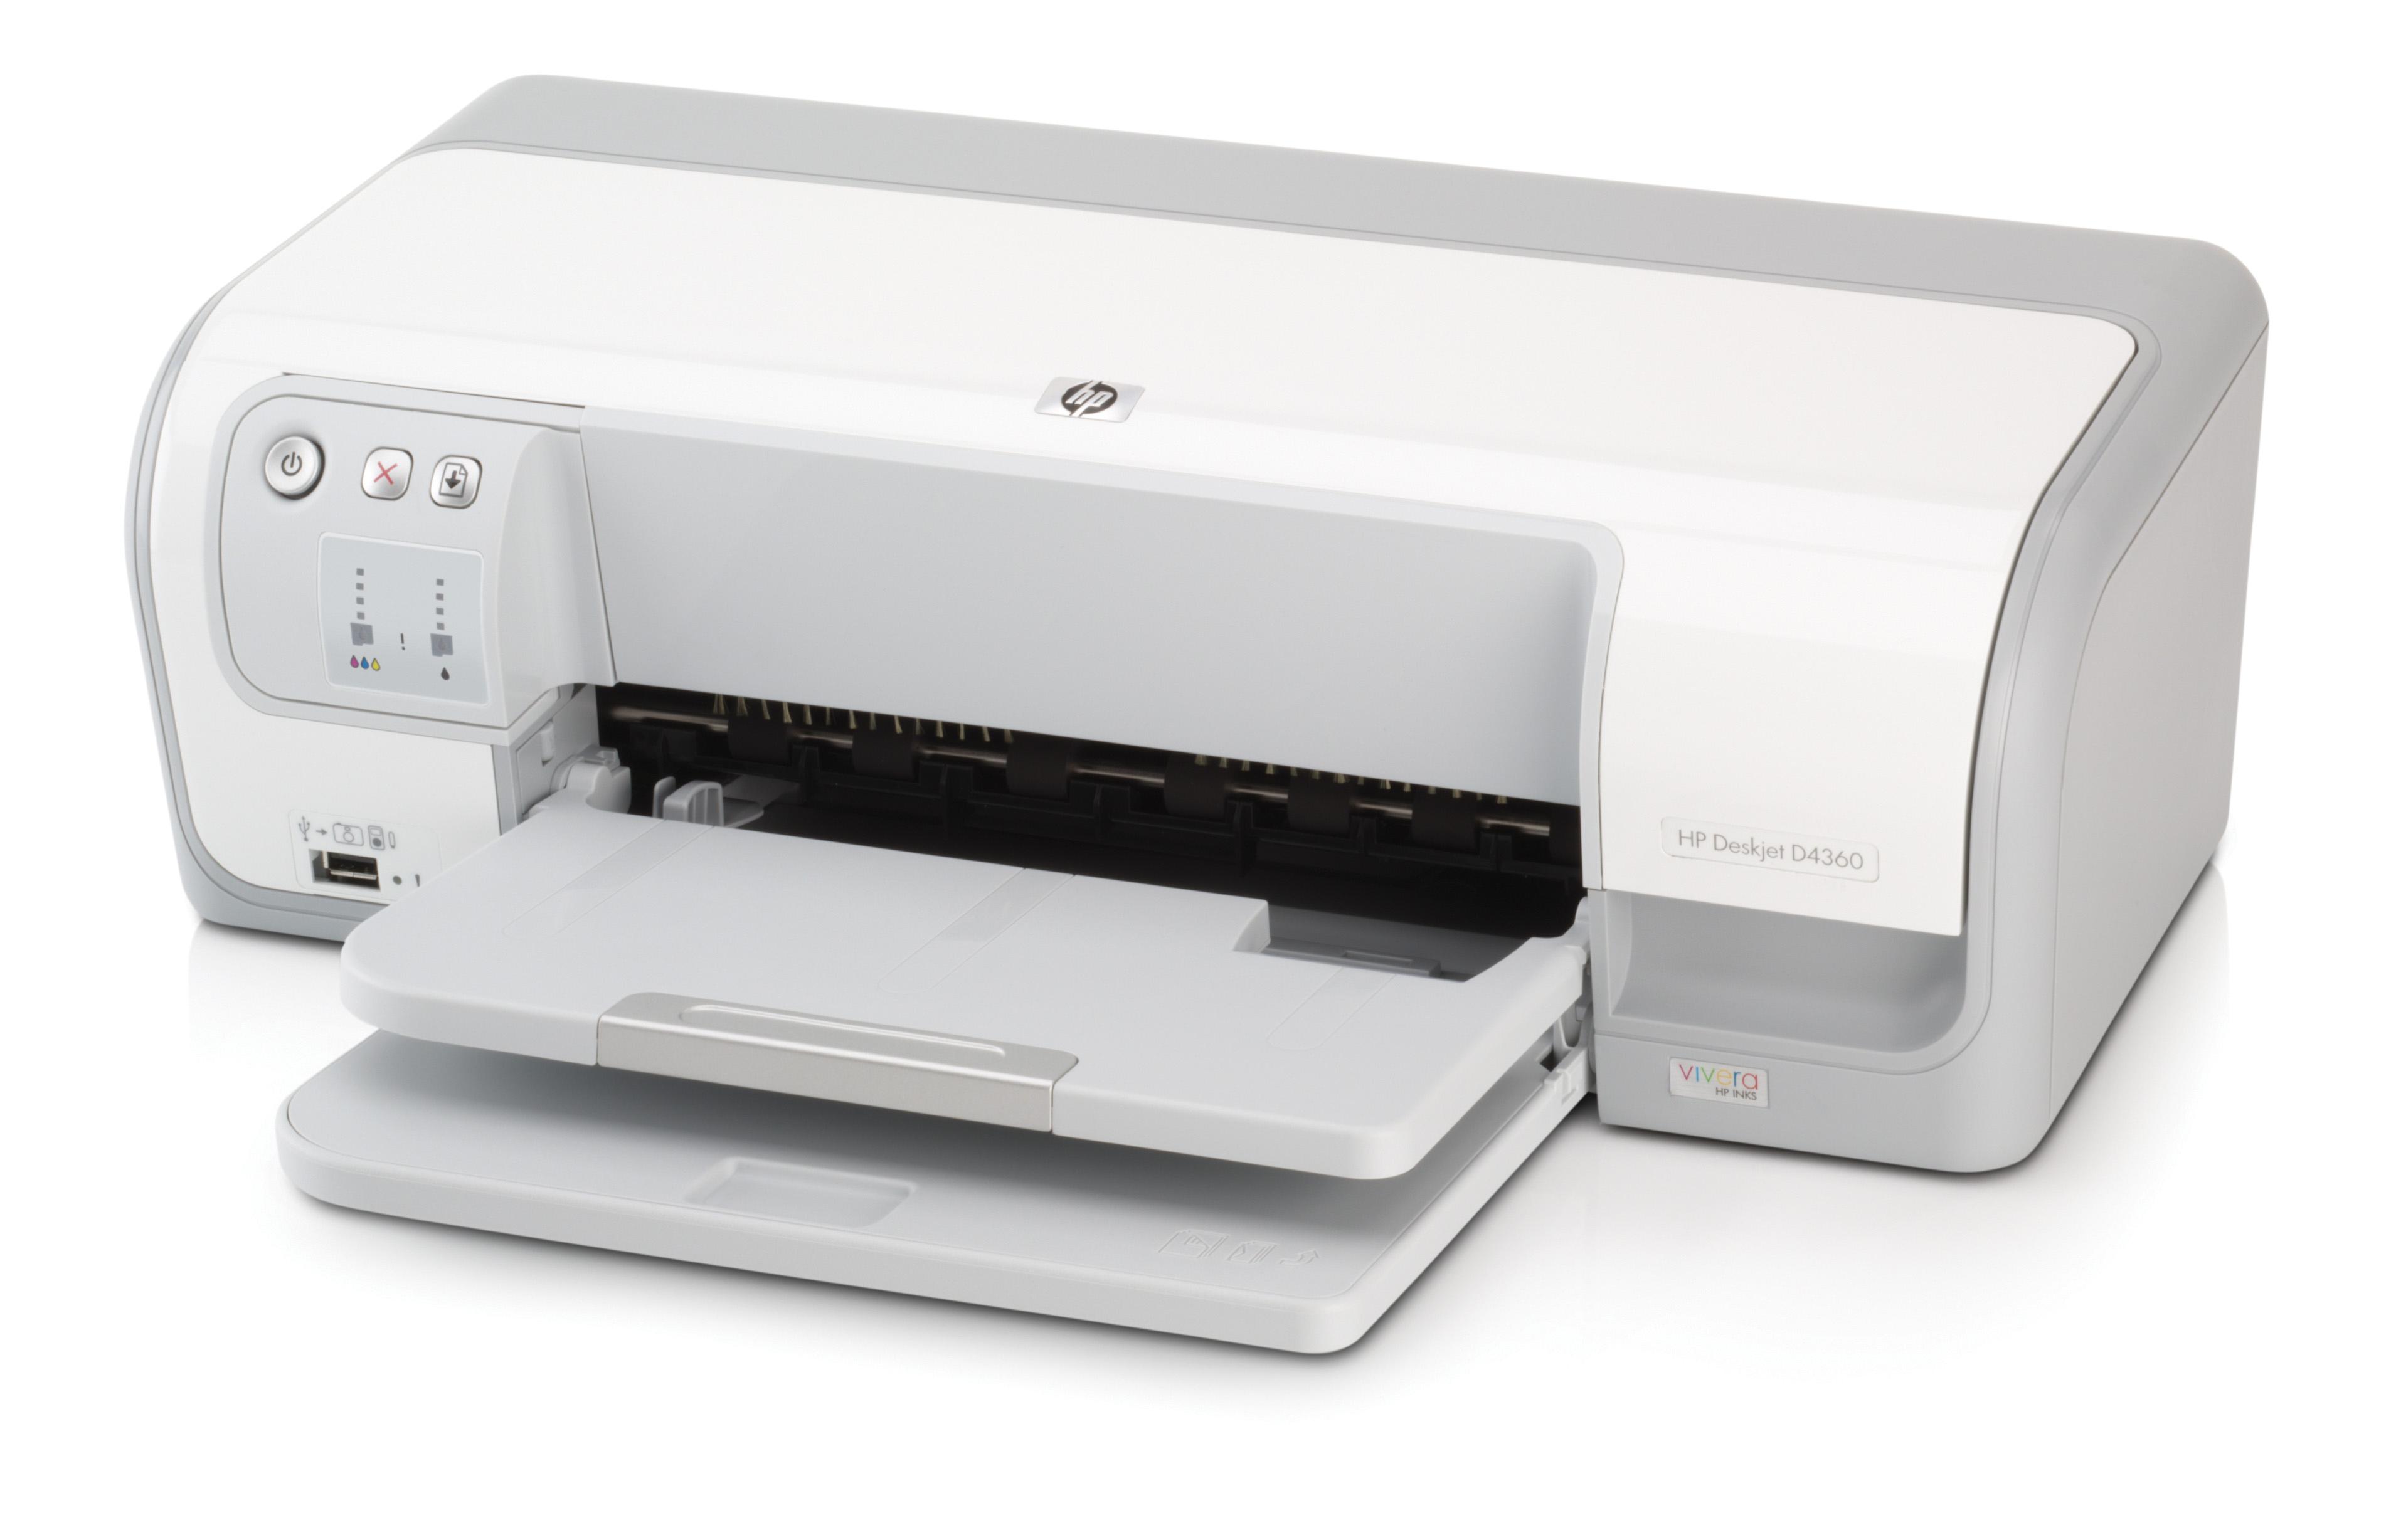 Deskjet D4360